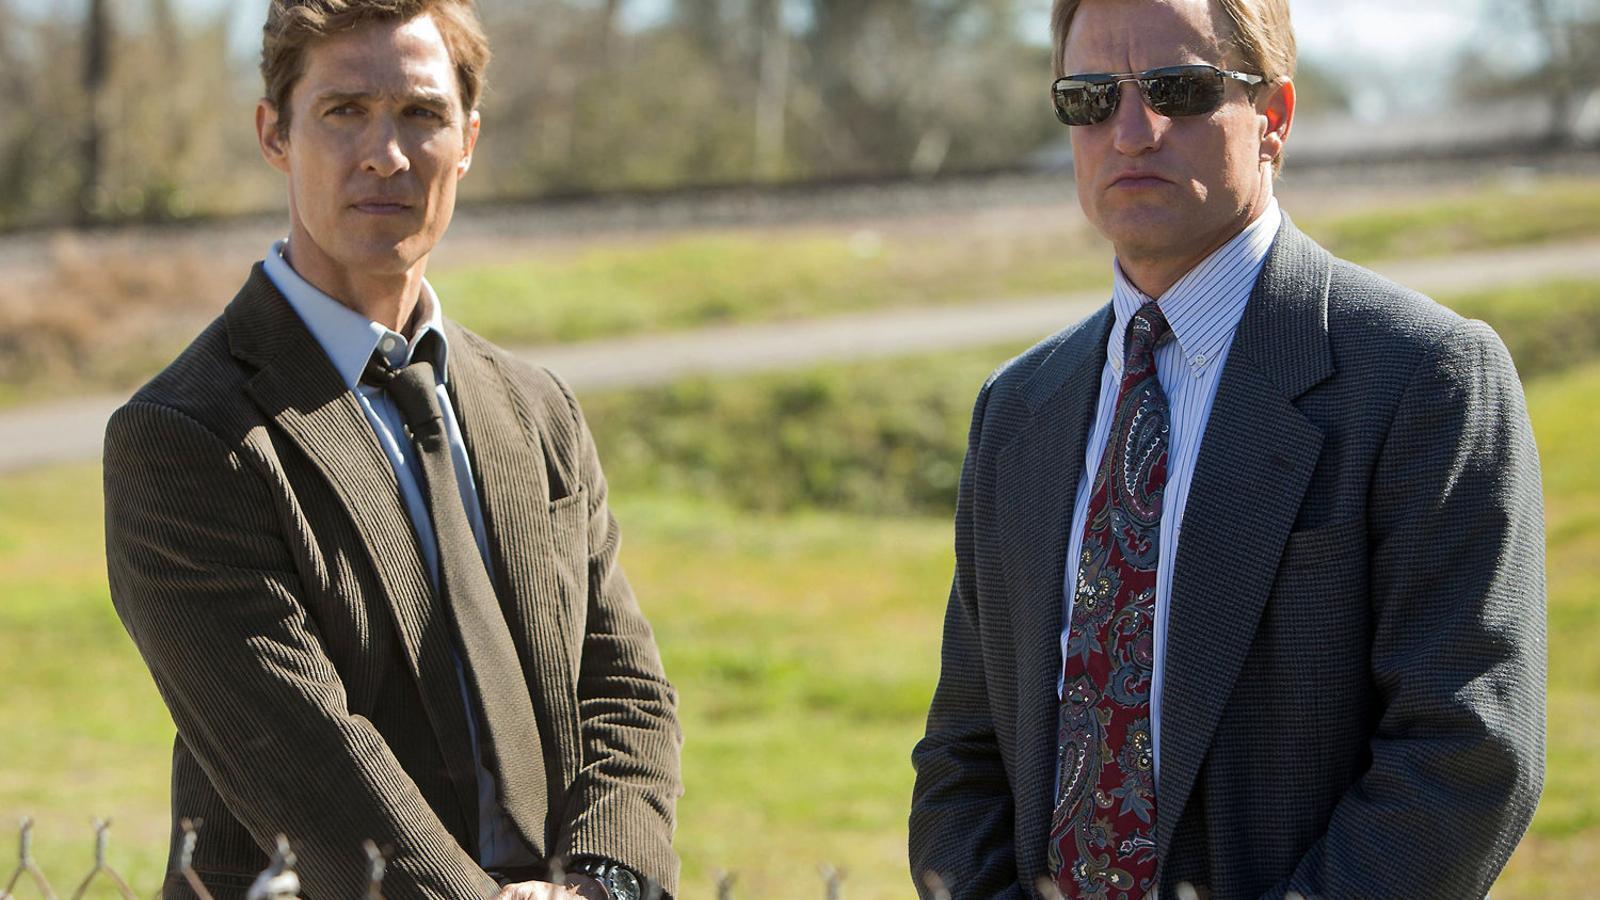 El director de 'True detective' abandona el rodatge de la tercera temporada